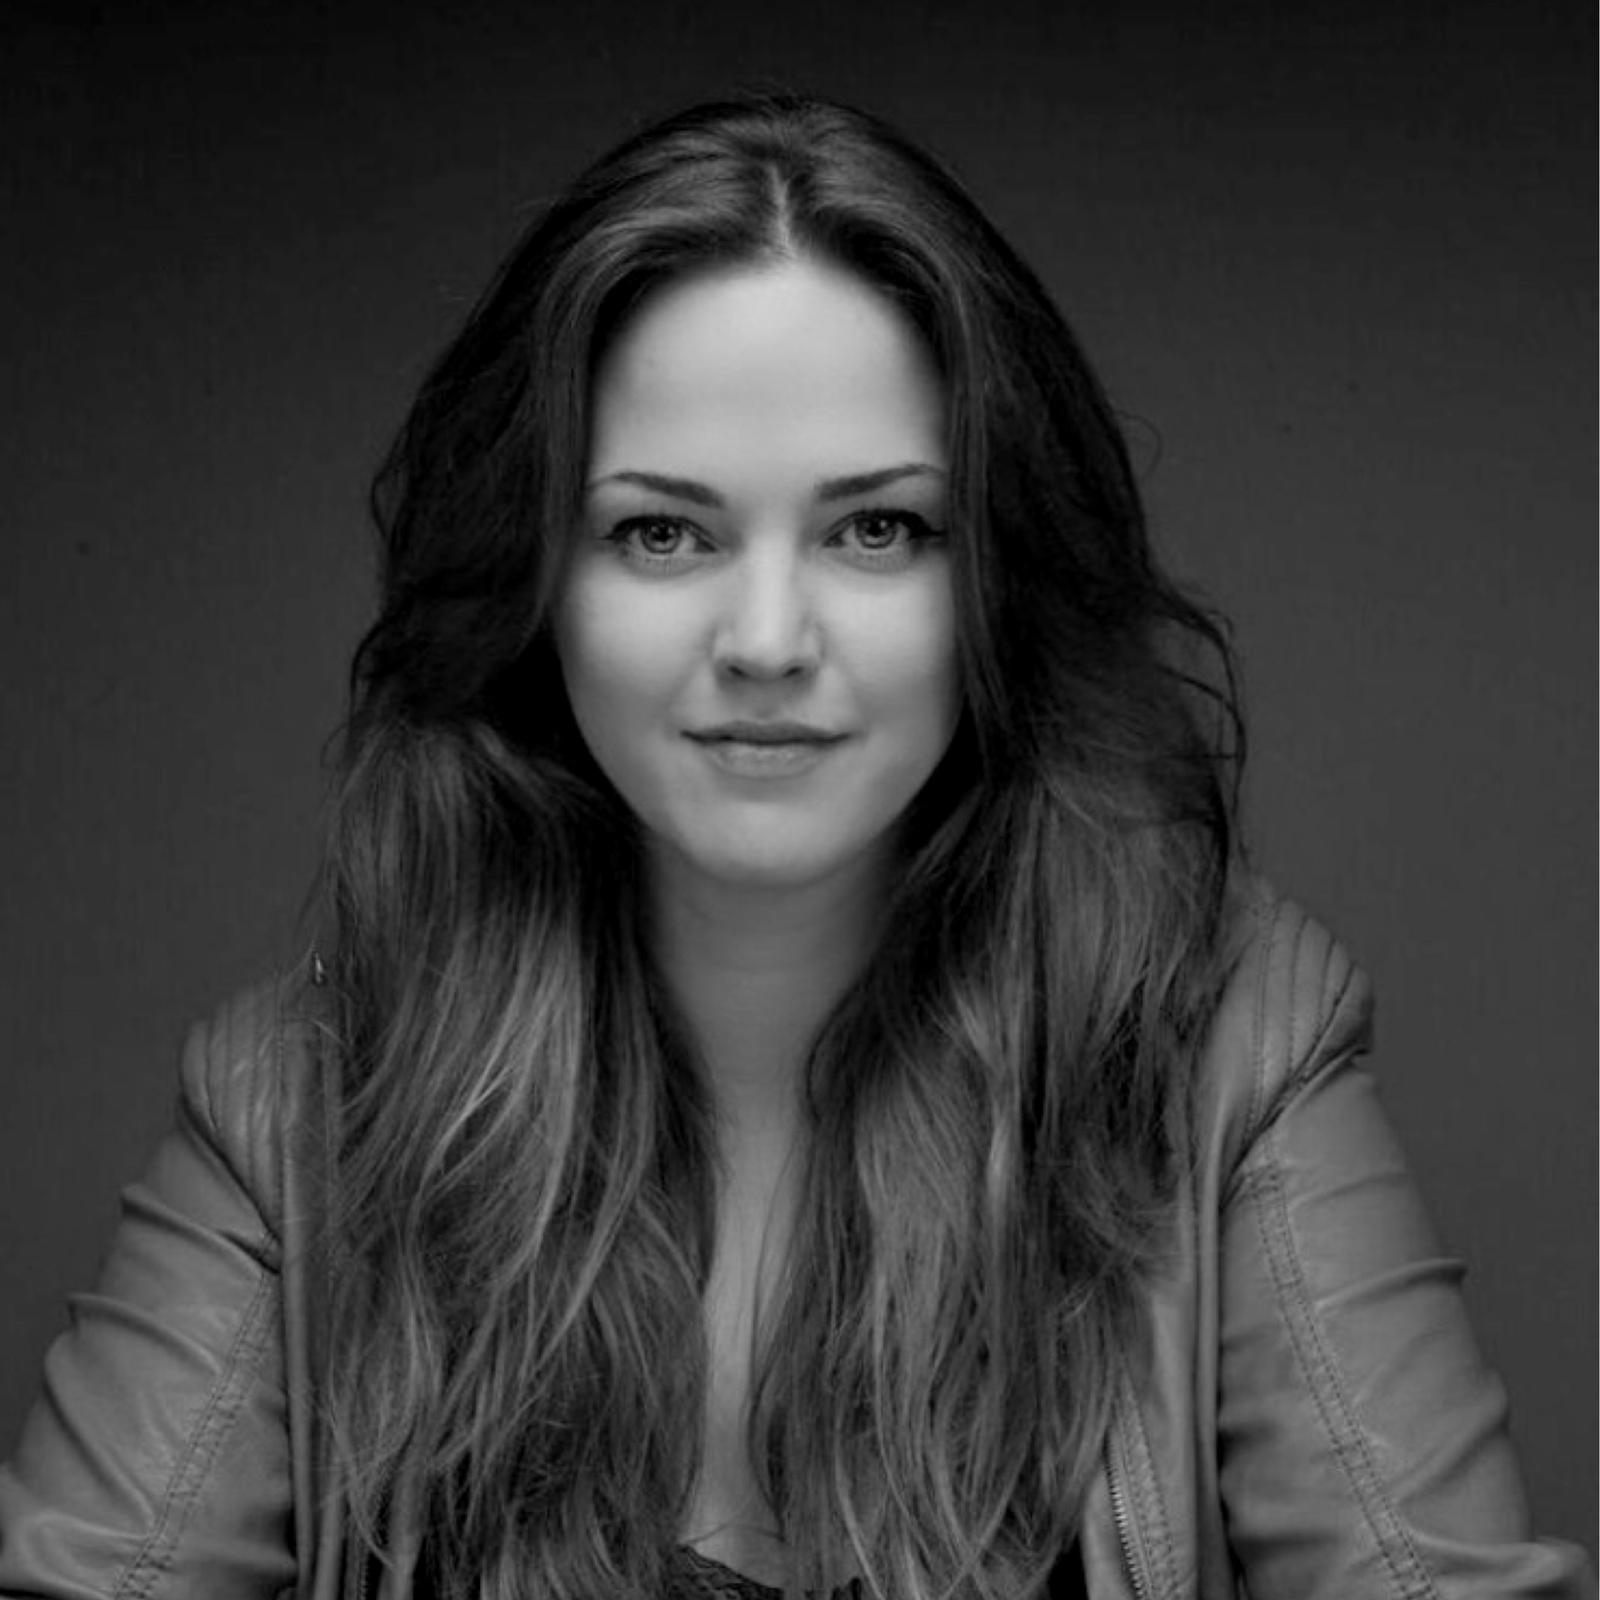 Headshot of Natasha Lusted, Sales lead at Thompson Alexander.